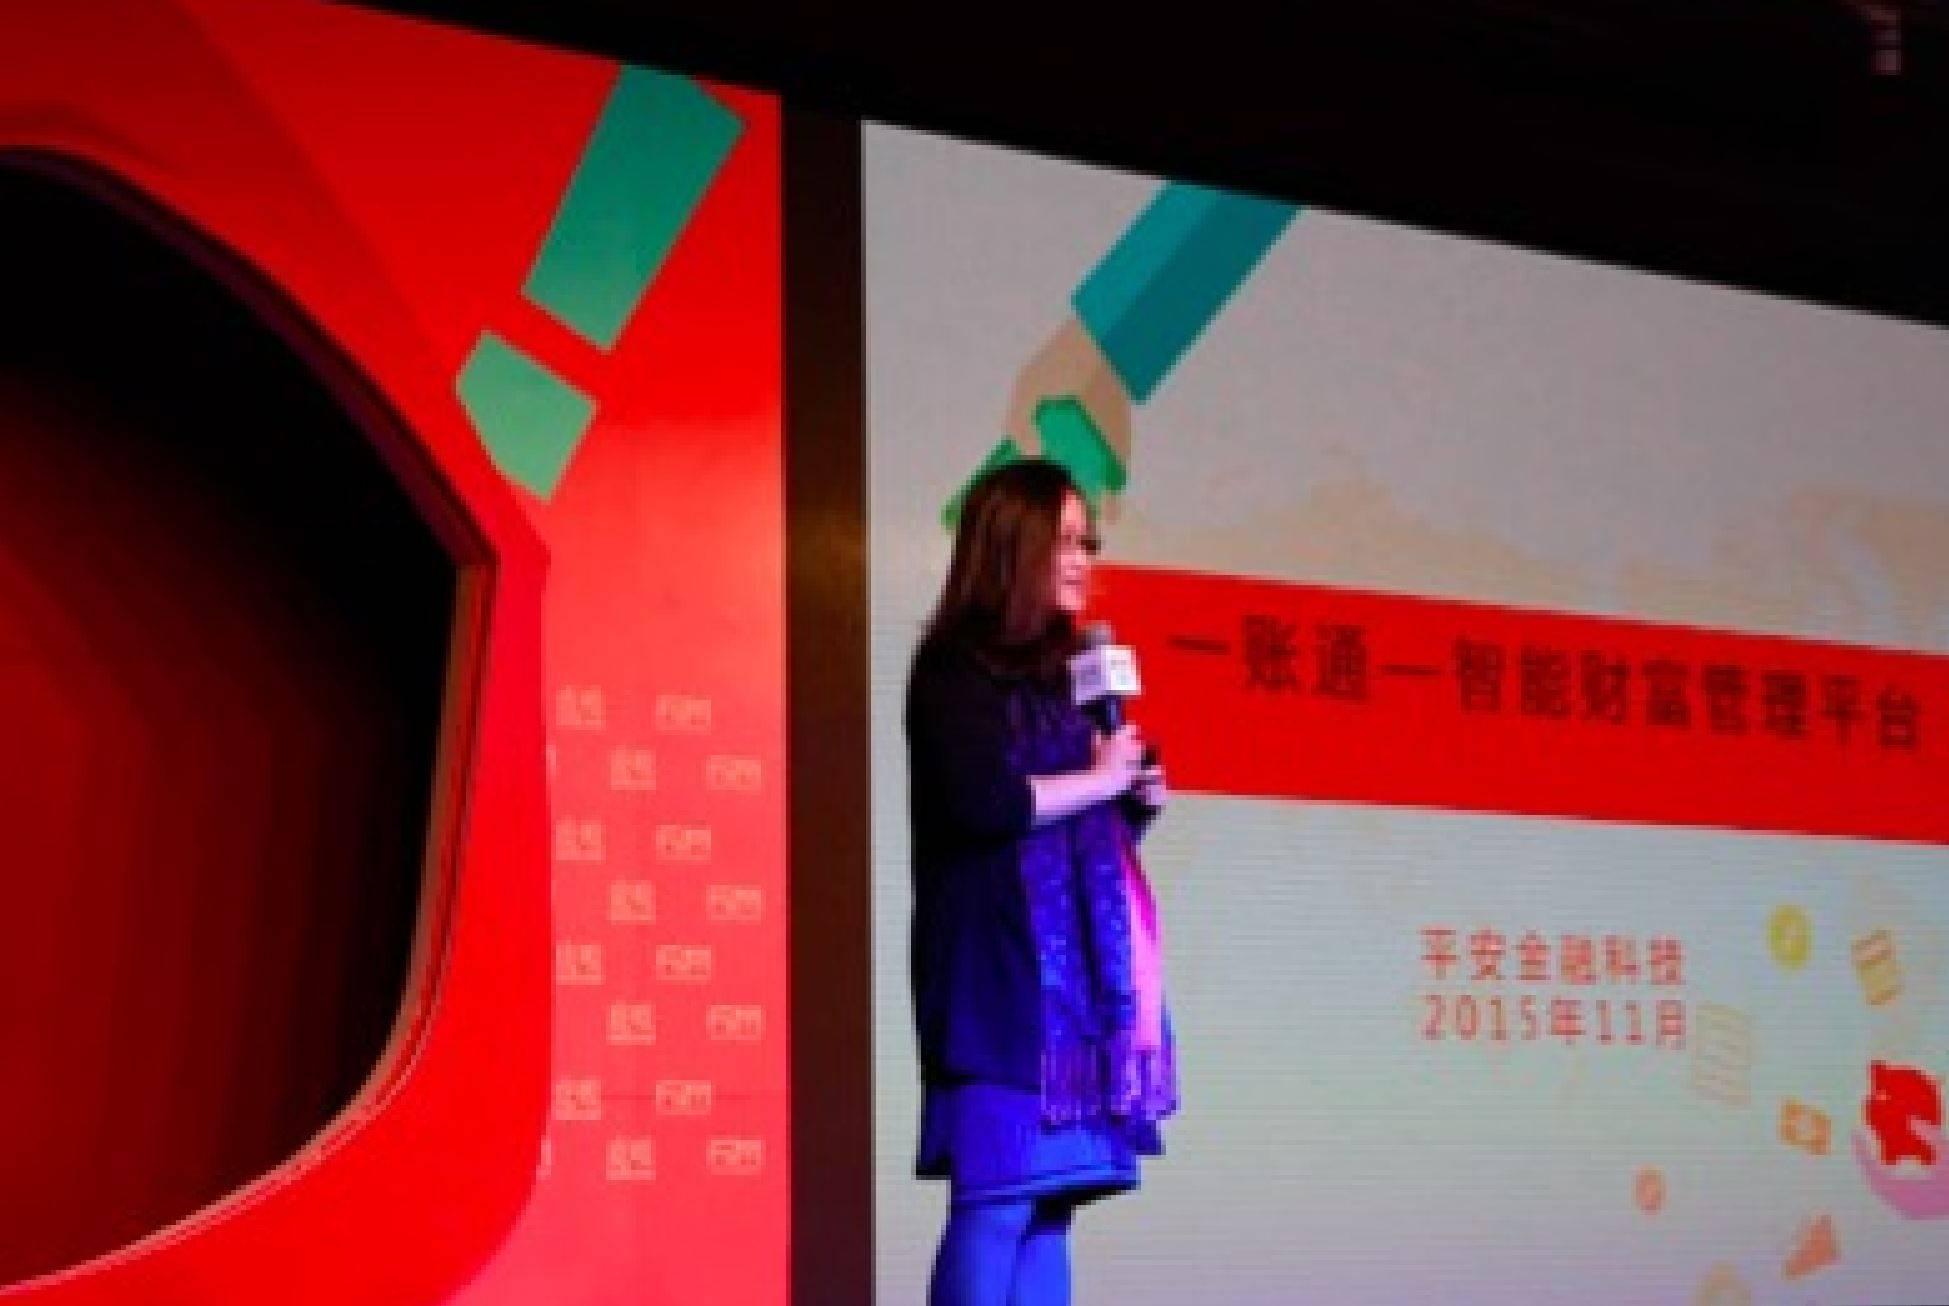 平安金科彭涛:为8600万用户整合123种帐户,管理资产1.4万亿